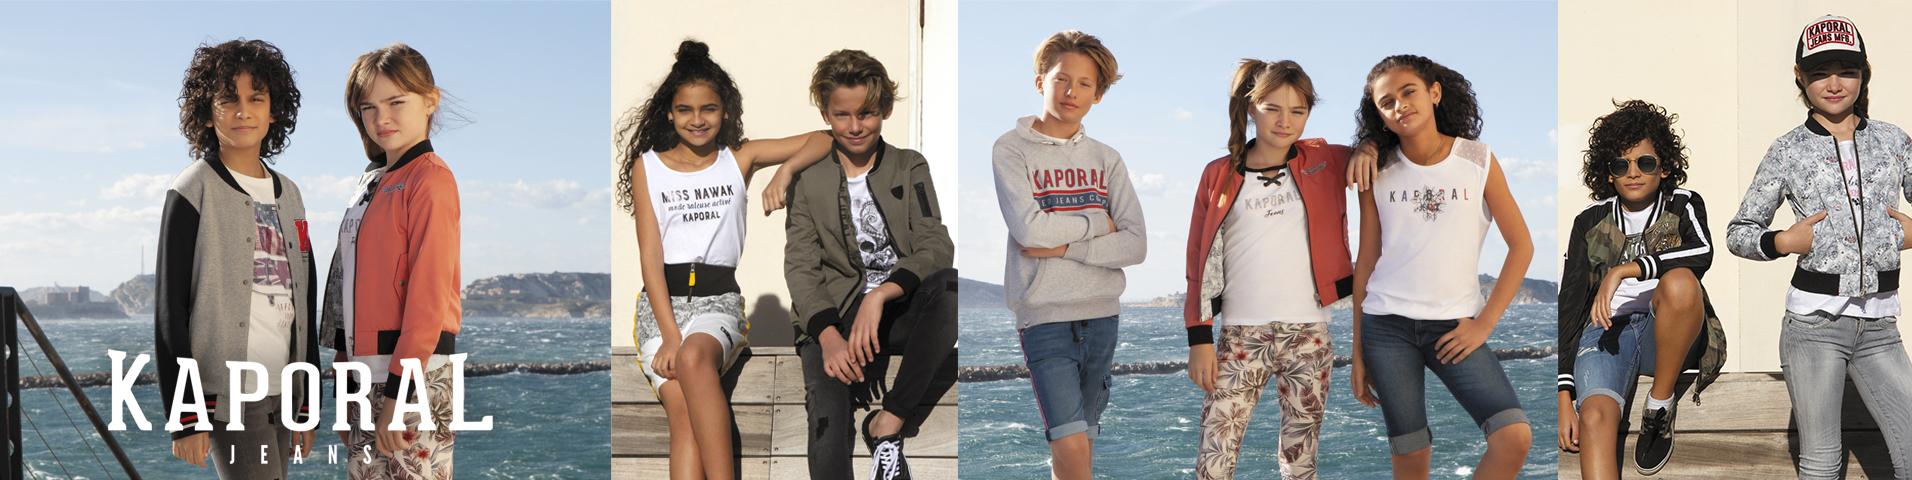 Enfant Zalando Promo Articles En Les Vêtements KaporalTous Chez 2eIWH9YDE